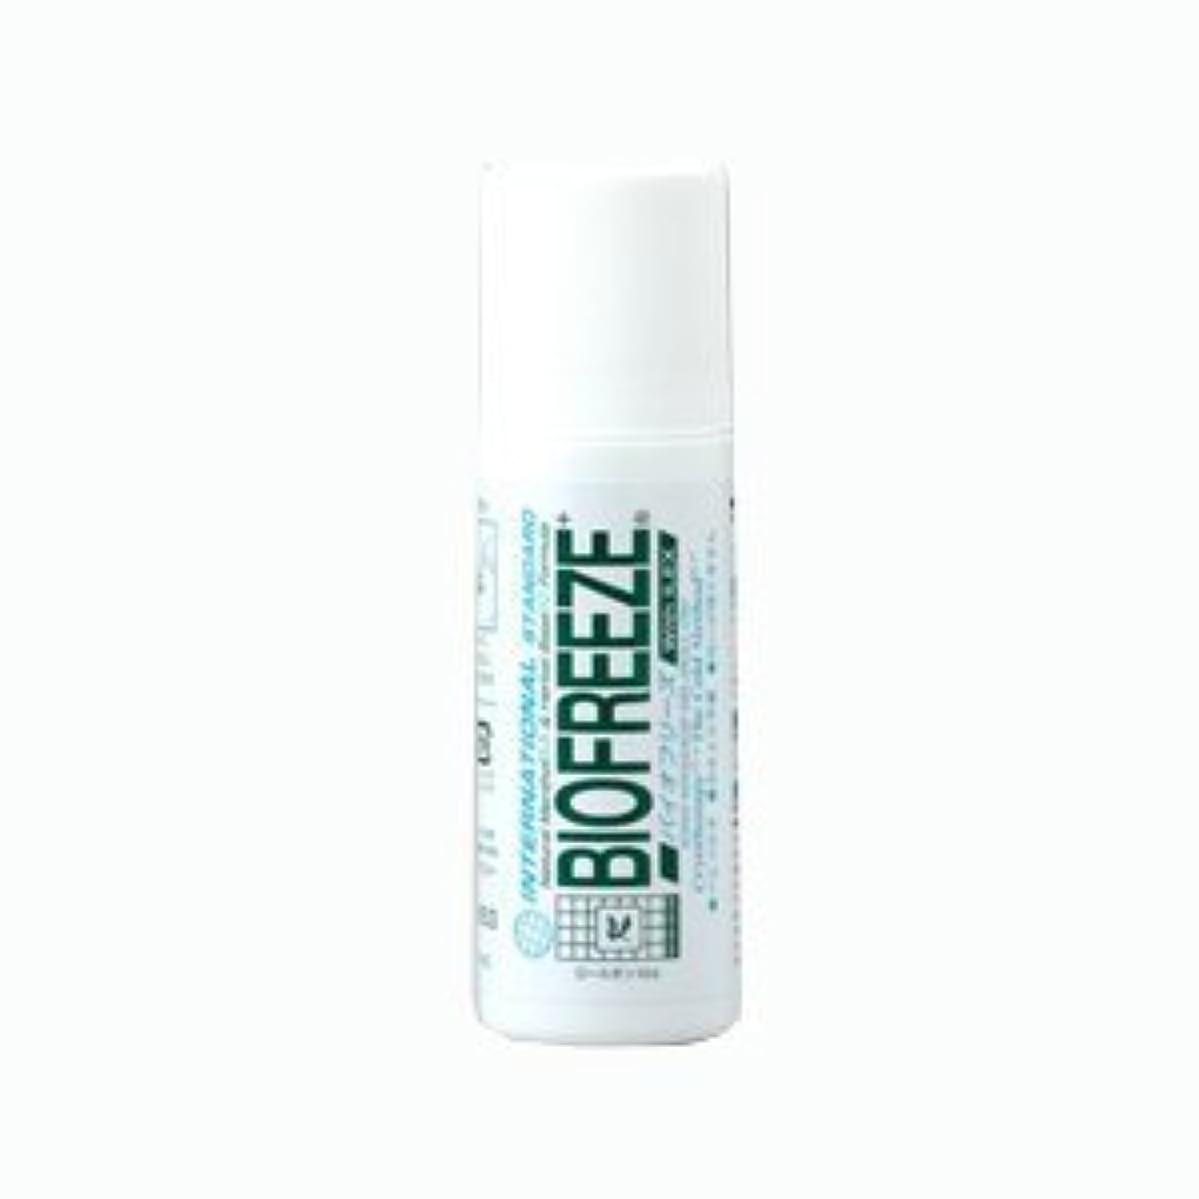 クラッシュ興奮可動式バイオフリーズ(BIOFREEZE) ロールオン 82g - ボディ用、ロールタイプ!